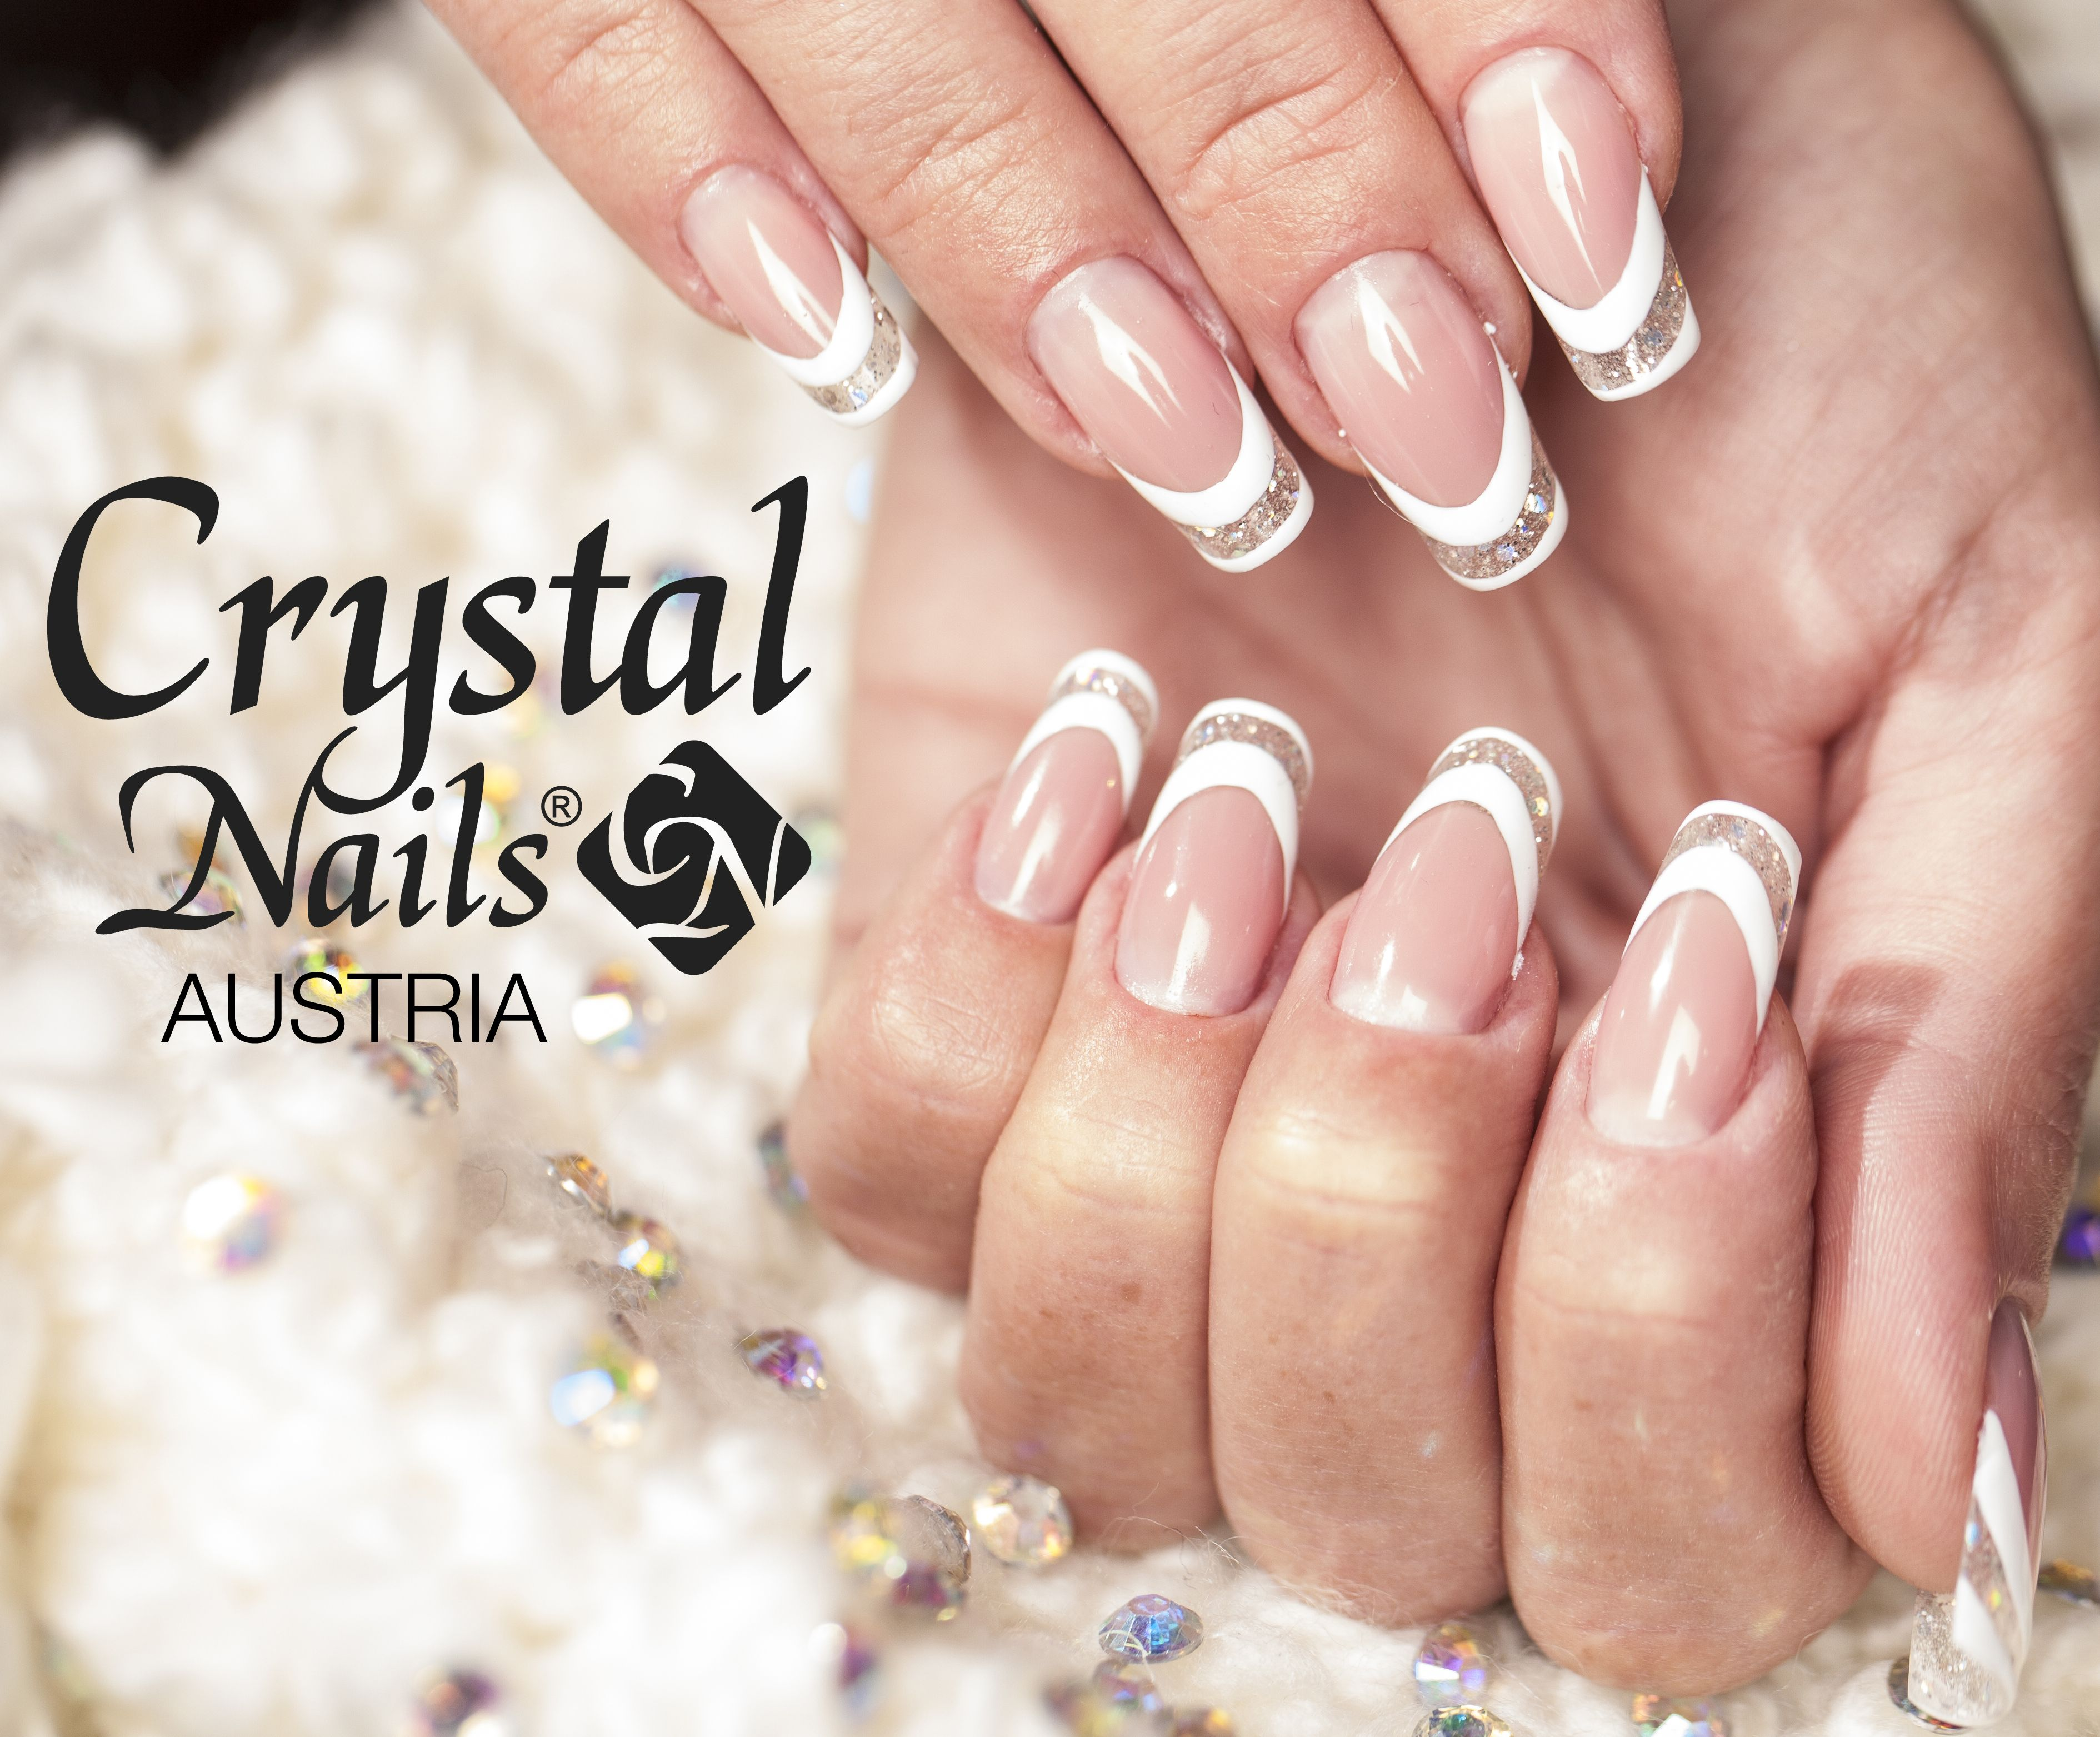 crystalnails #österreich #wien #Nageldesign #Nails #Fullcover ...